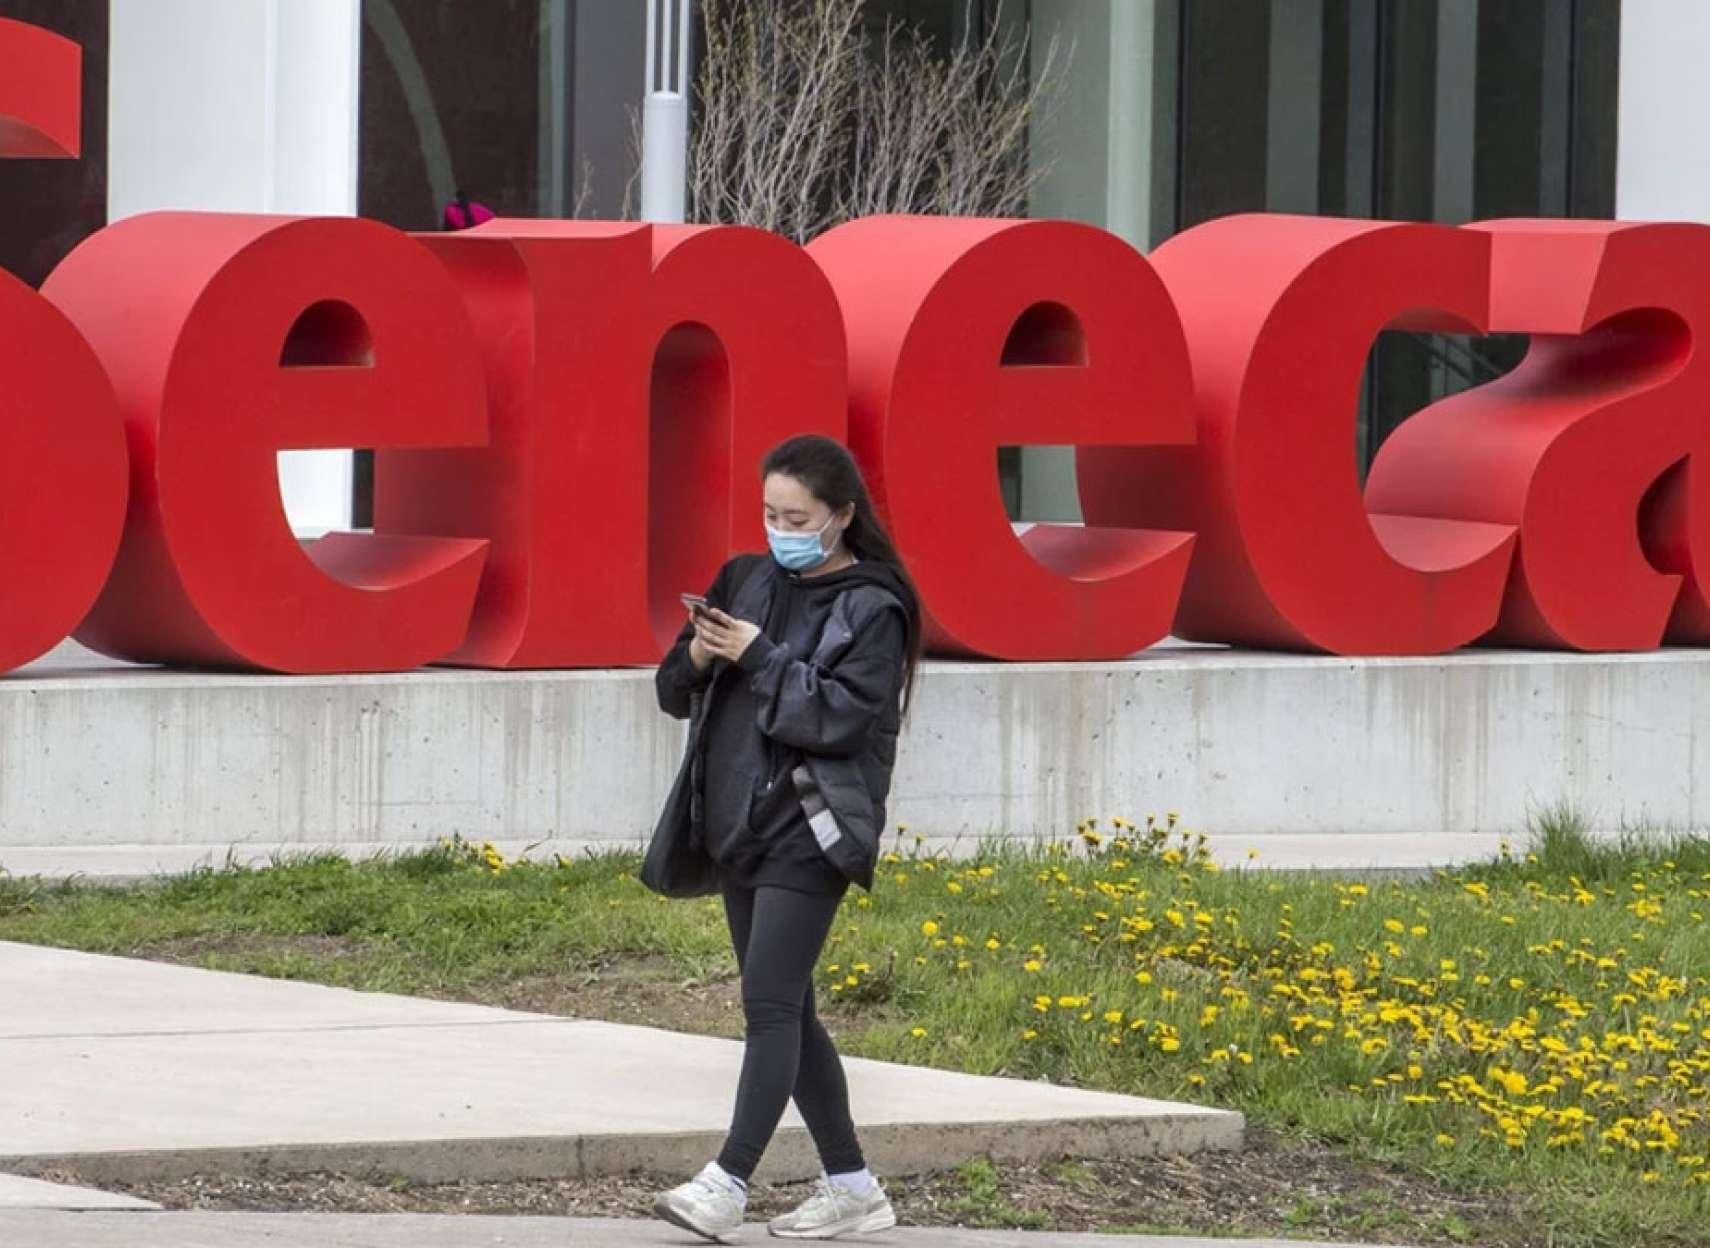 خبر-کانادا-کشمکش-کالج-ها-و-دانشگاه-ها-با-اجباری-شدن-واکسیناسیون-دانشجویان